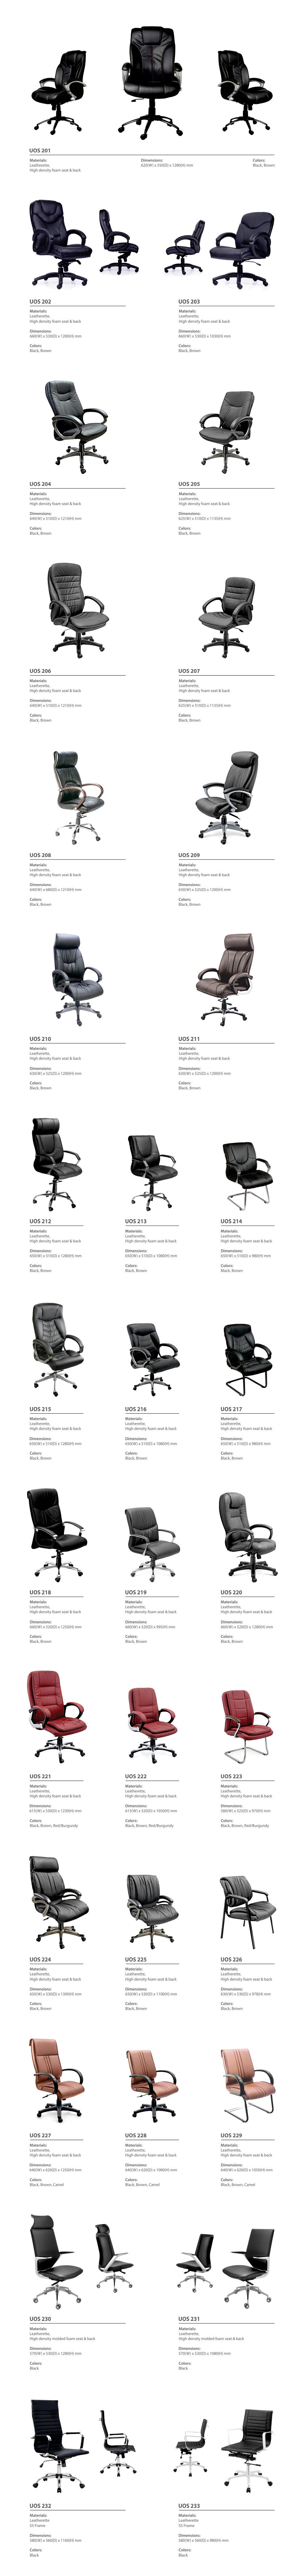 Executive Chair Collection